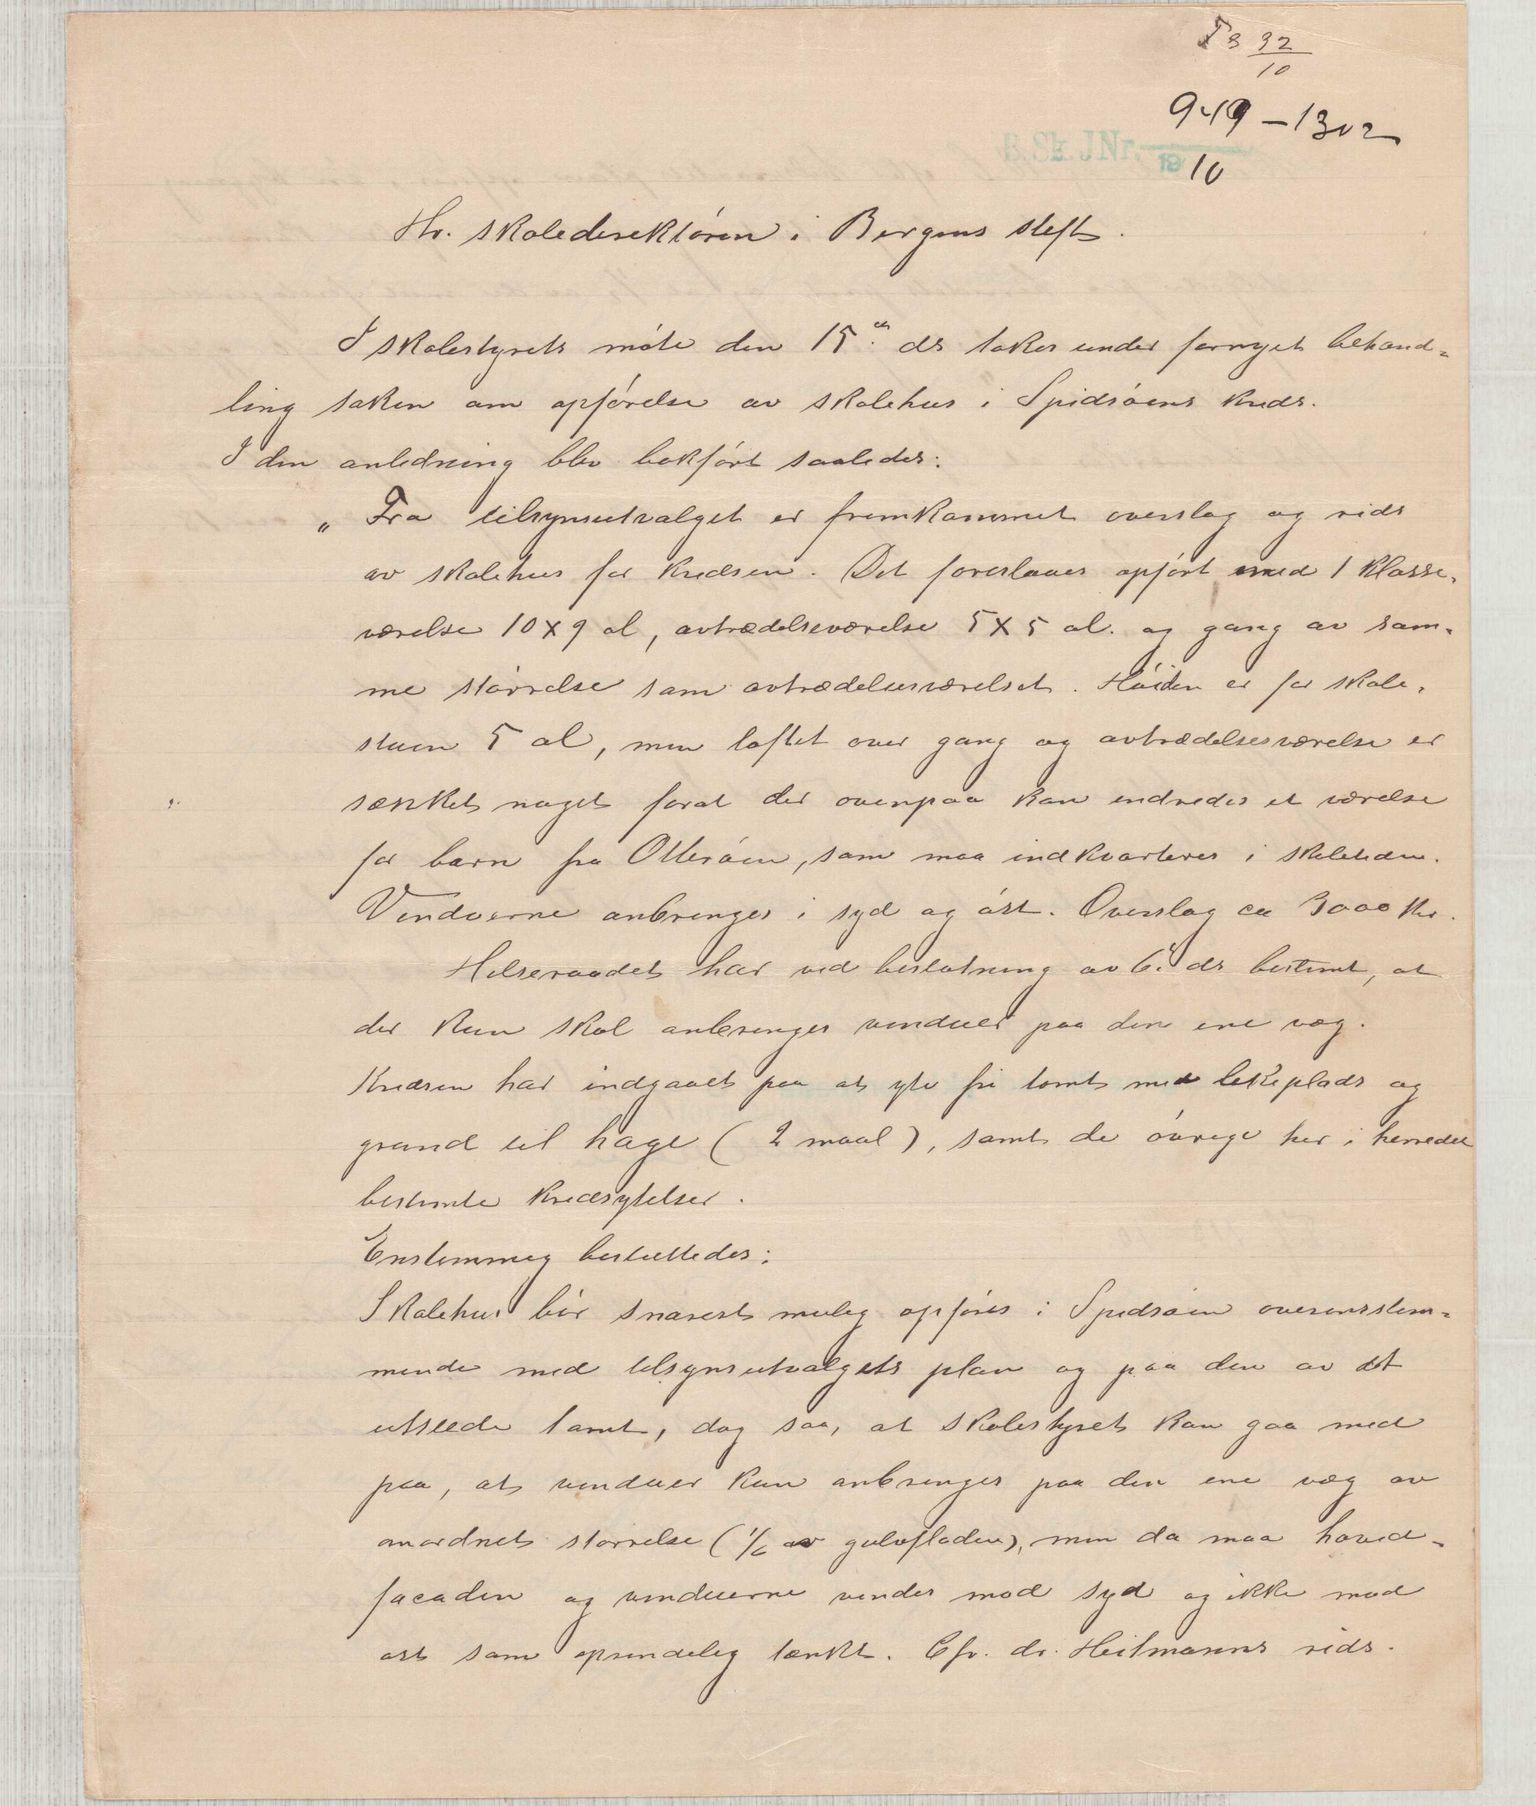 IKAH, Finnaas kommune. Formannskapet, D/Da/L0001: Korrespondanse / saker, 1909-1911, s. 20